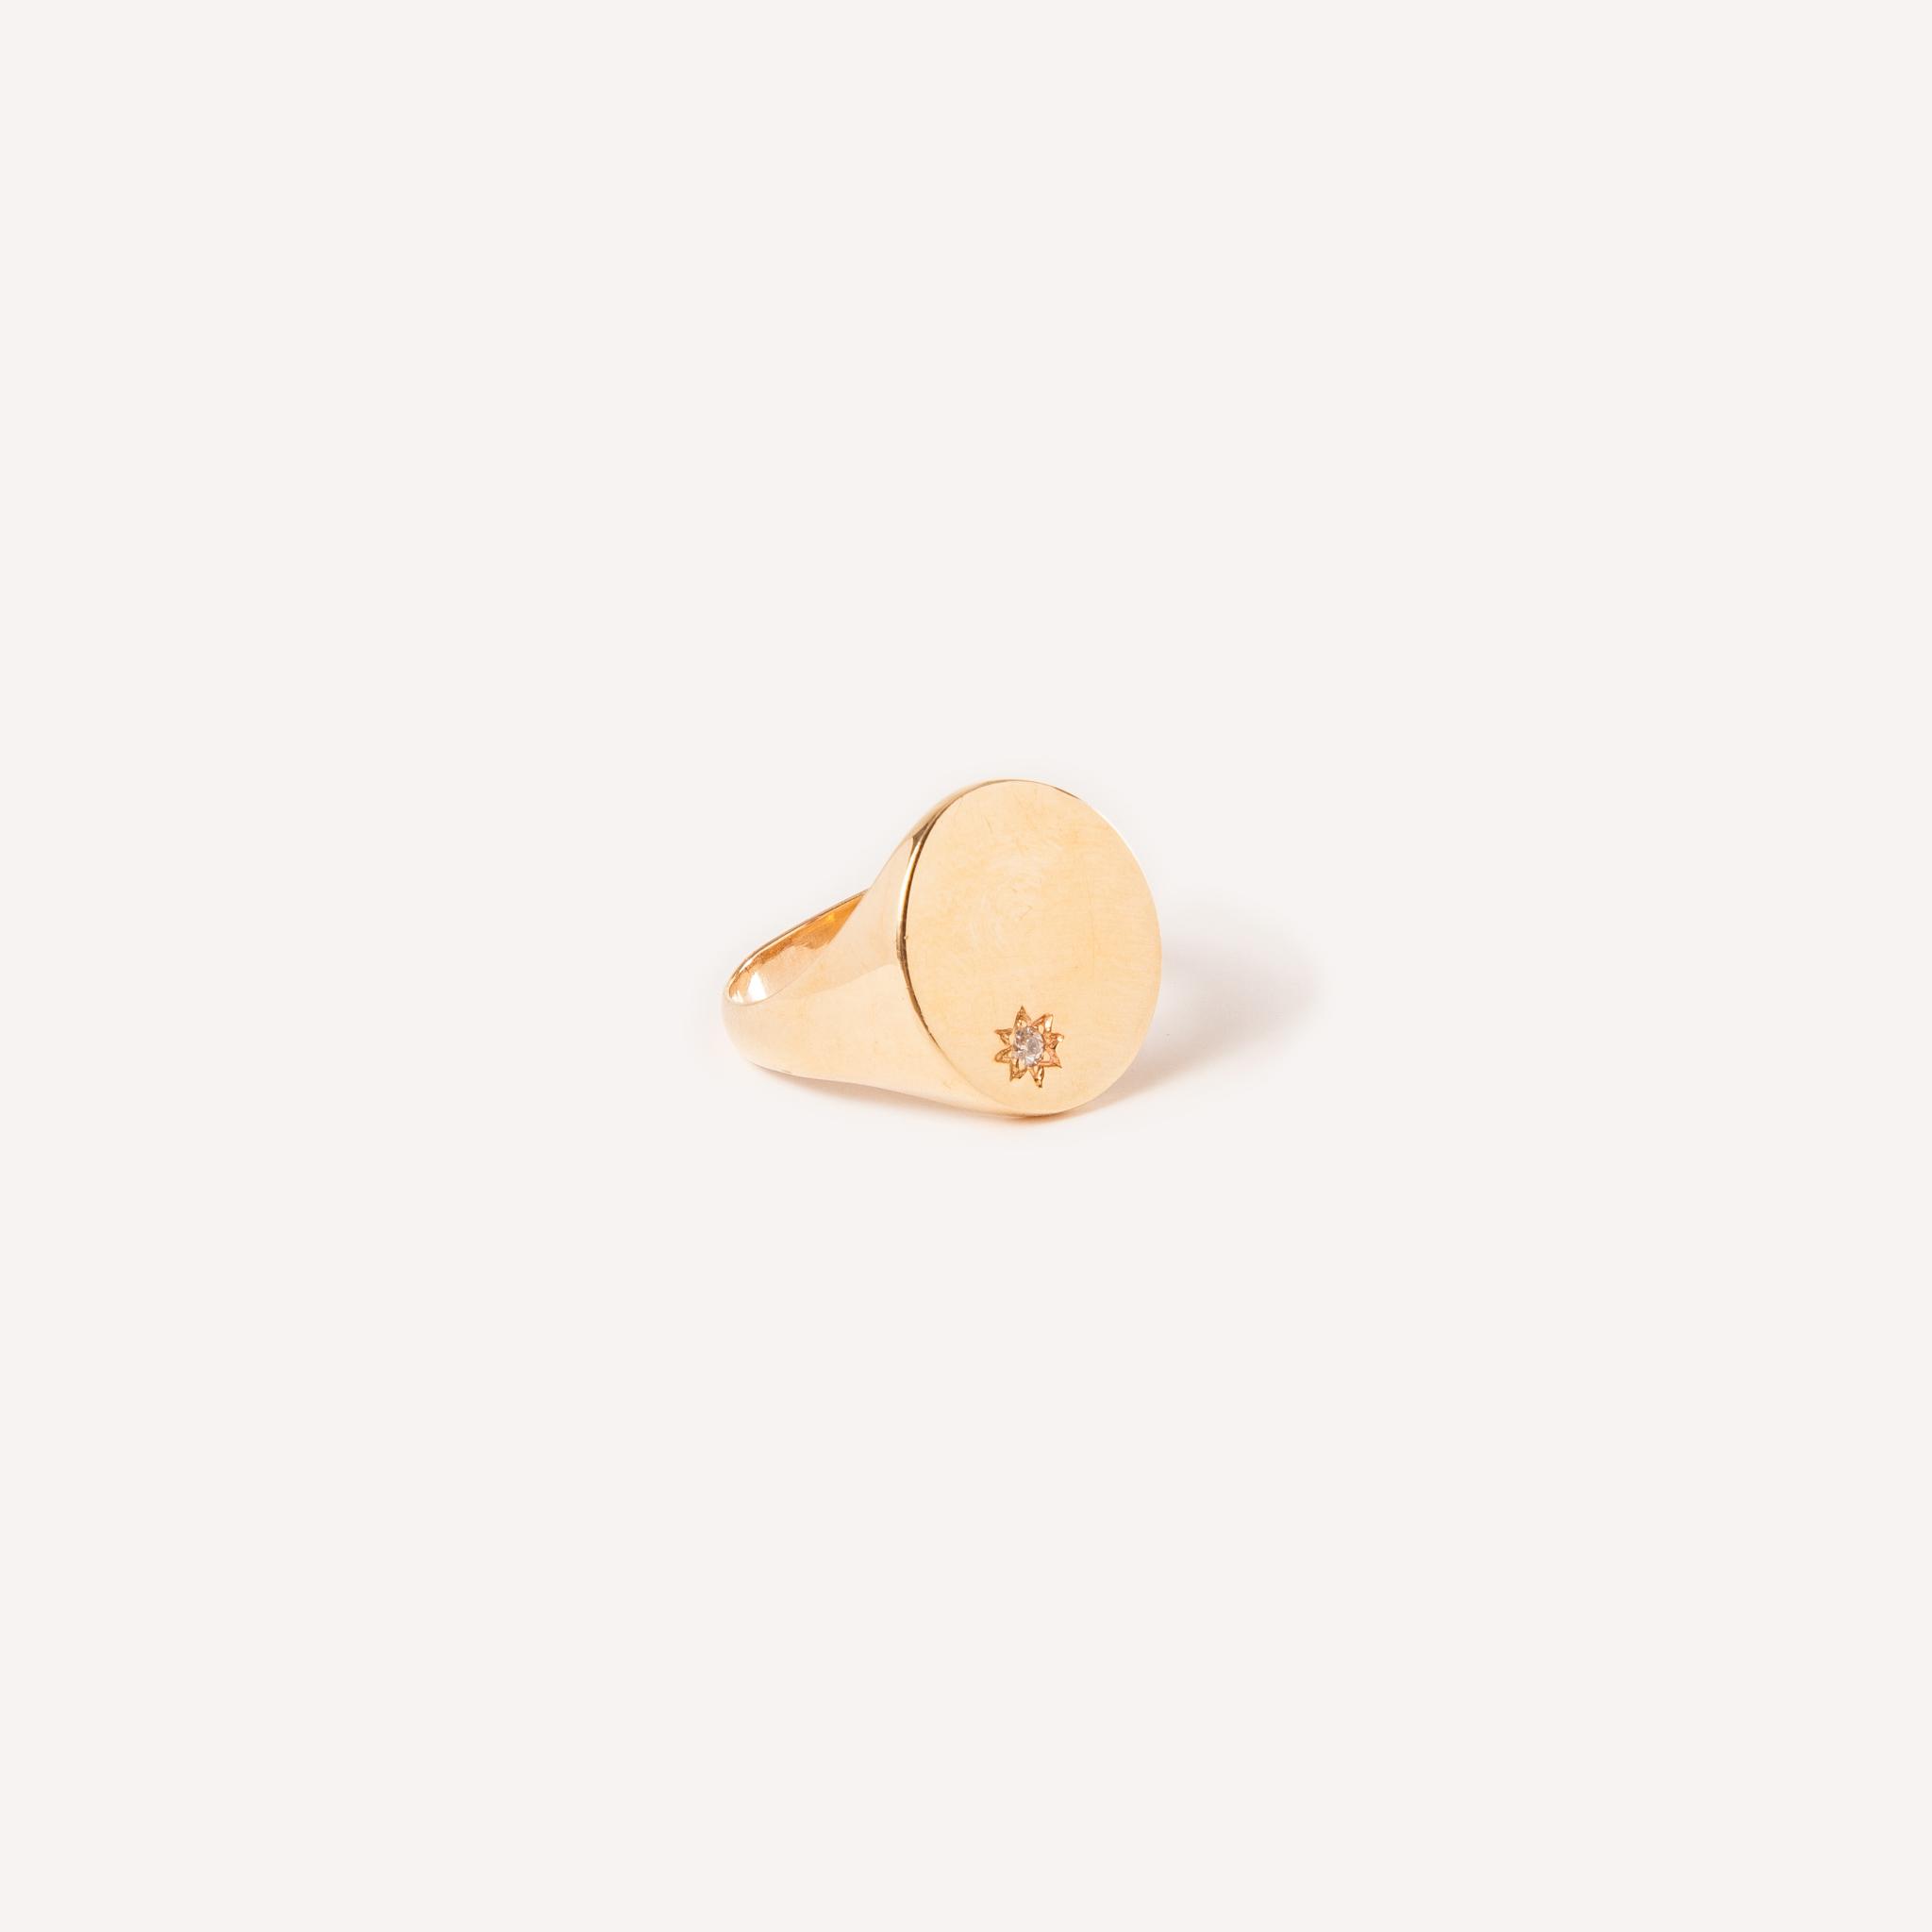 Cresalia-Jewelry-3279.jpg